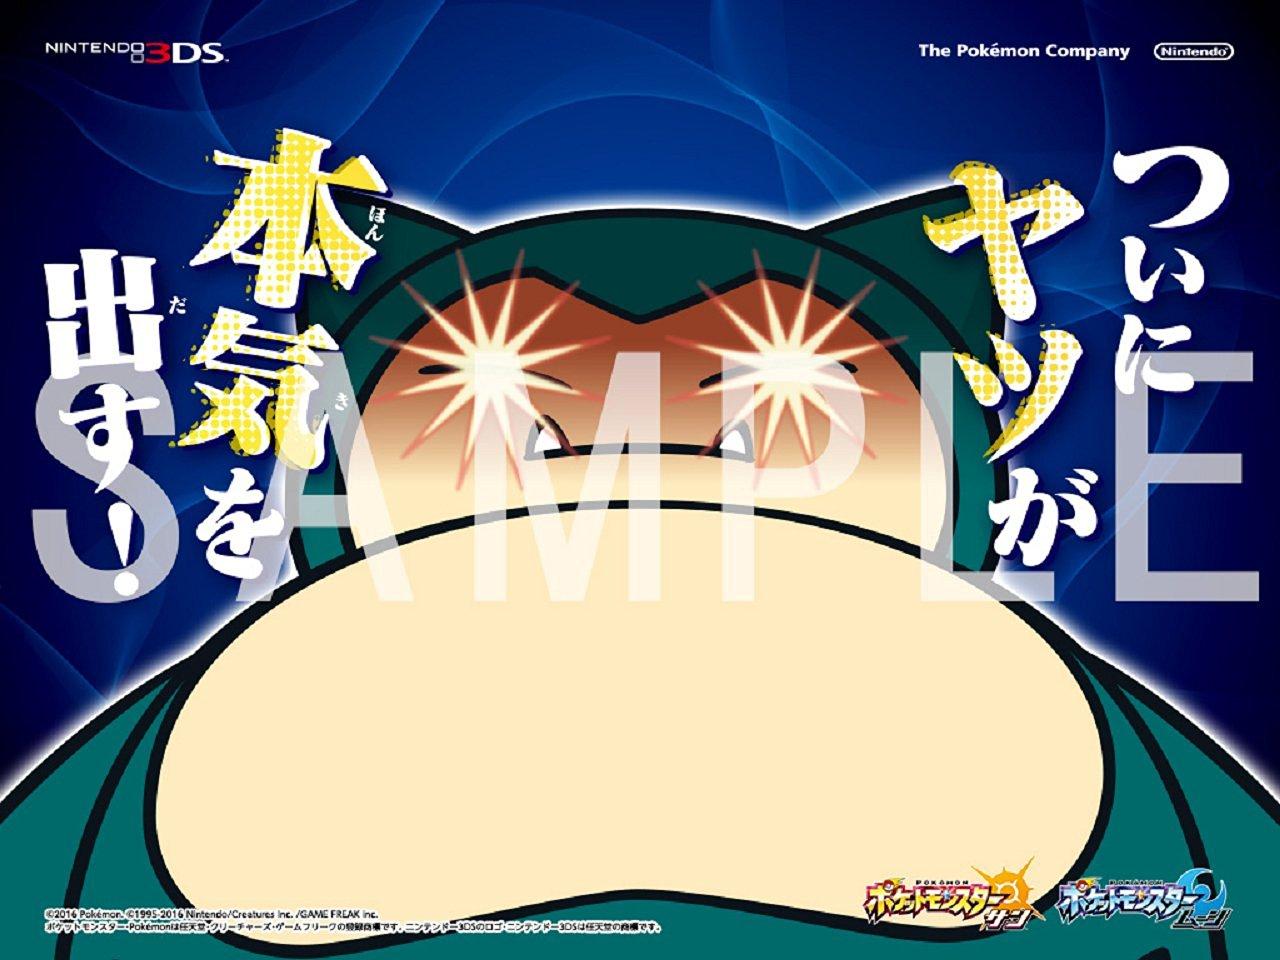 ポケモンサンムーン がついに発売 初回出荷本数が世界累計1000万本